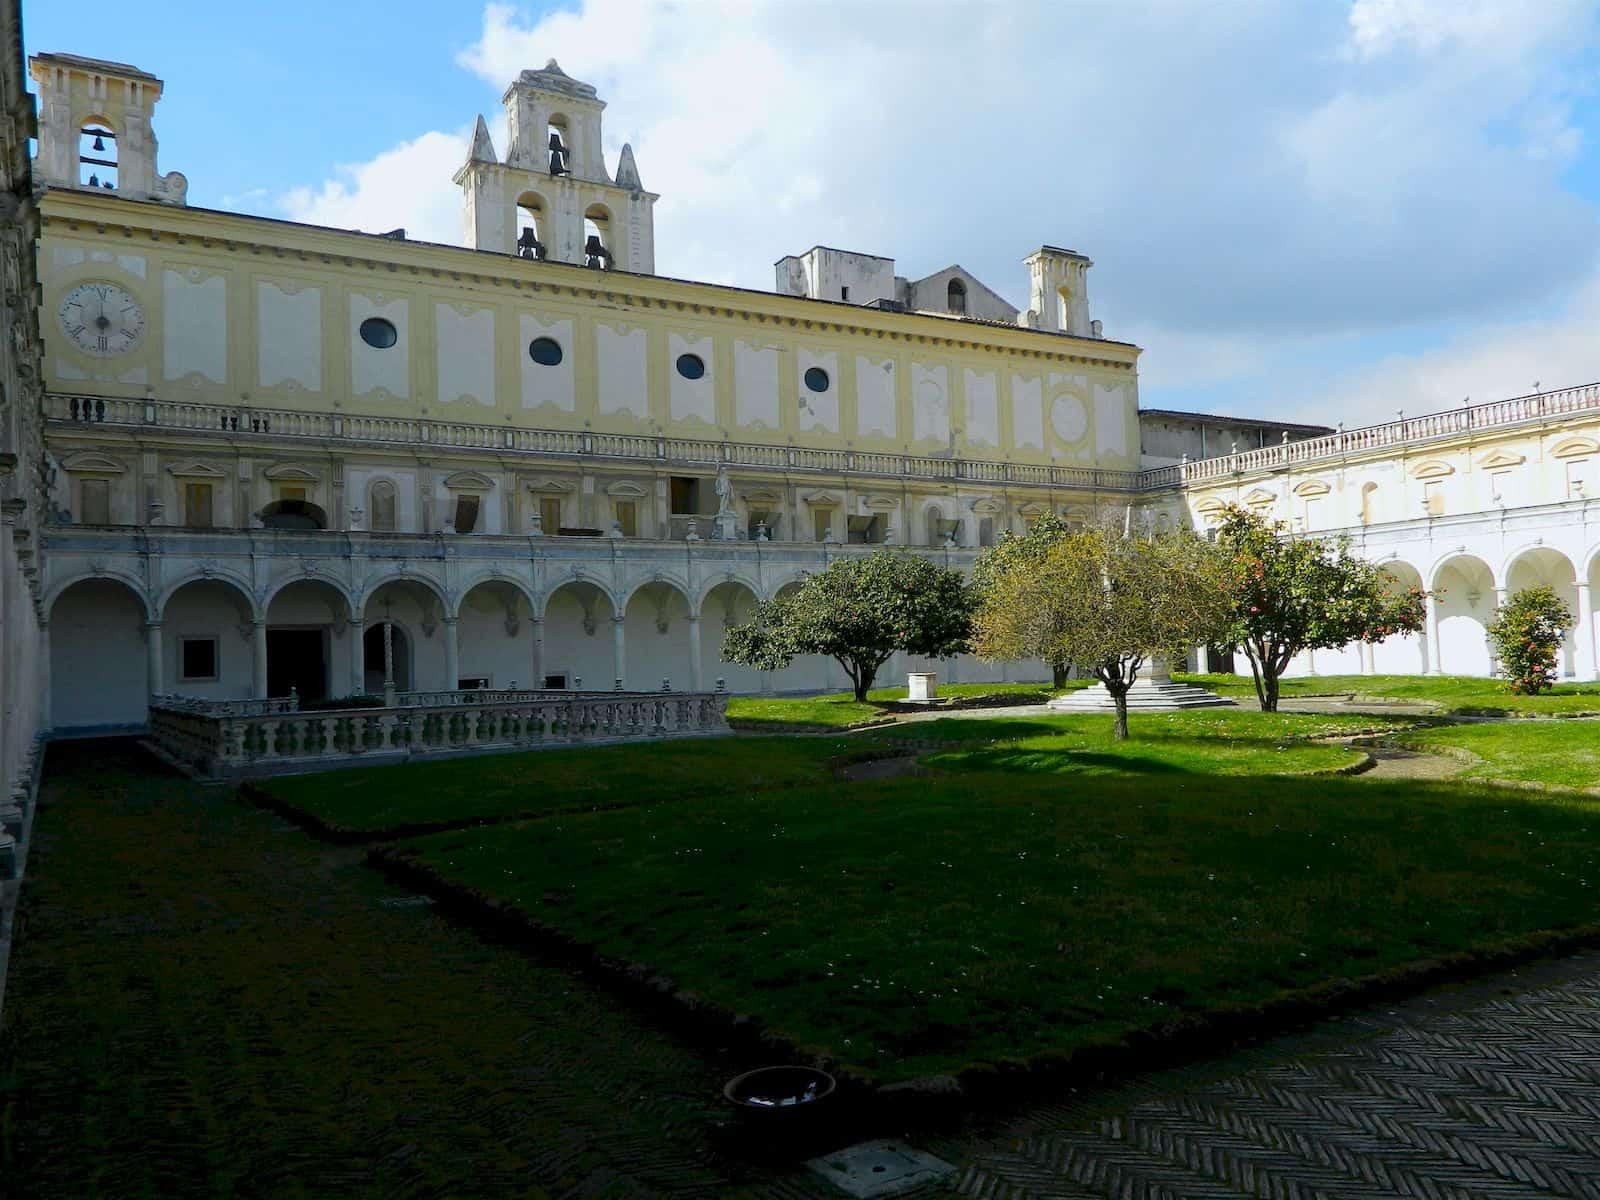 Chiostro San Martino